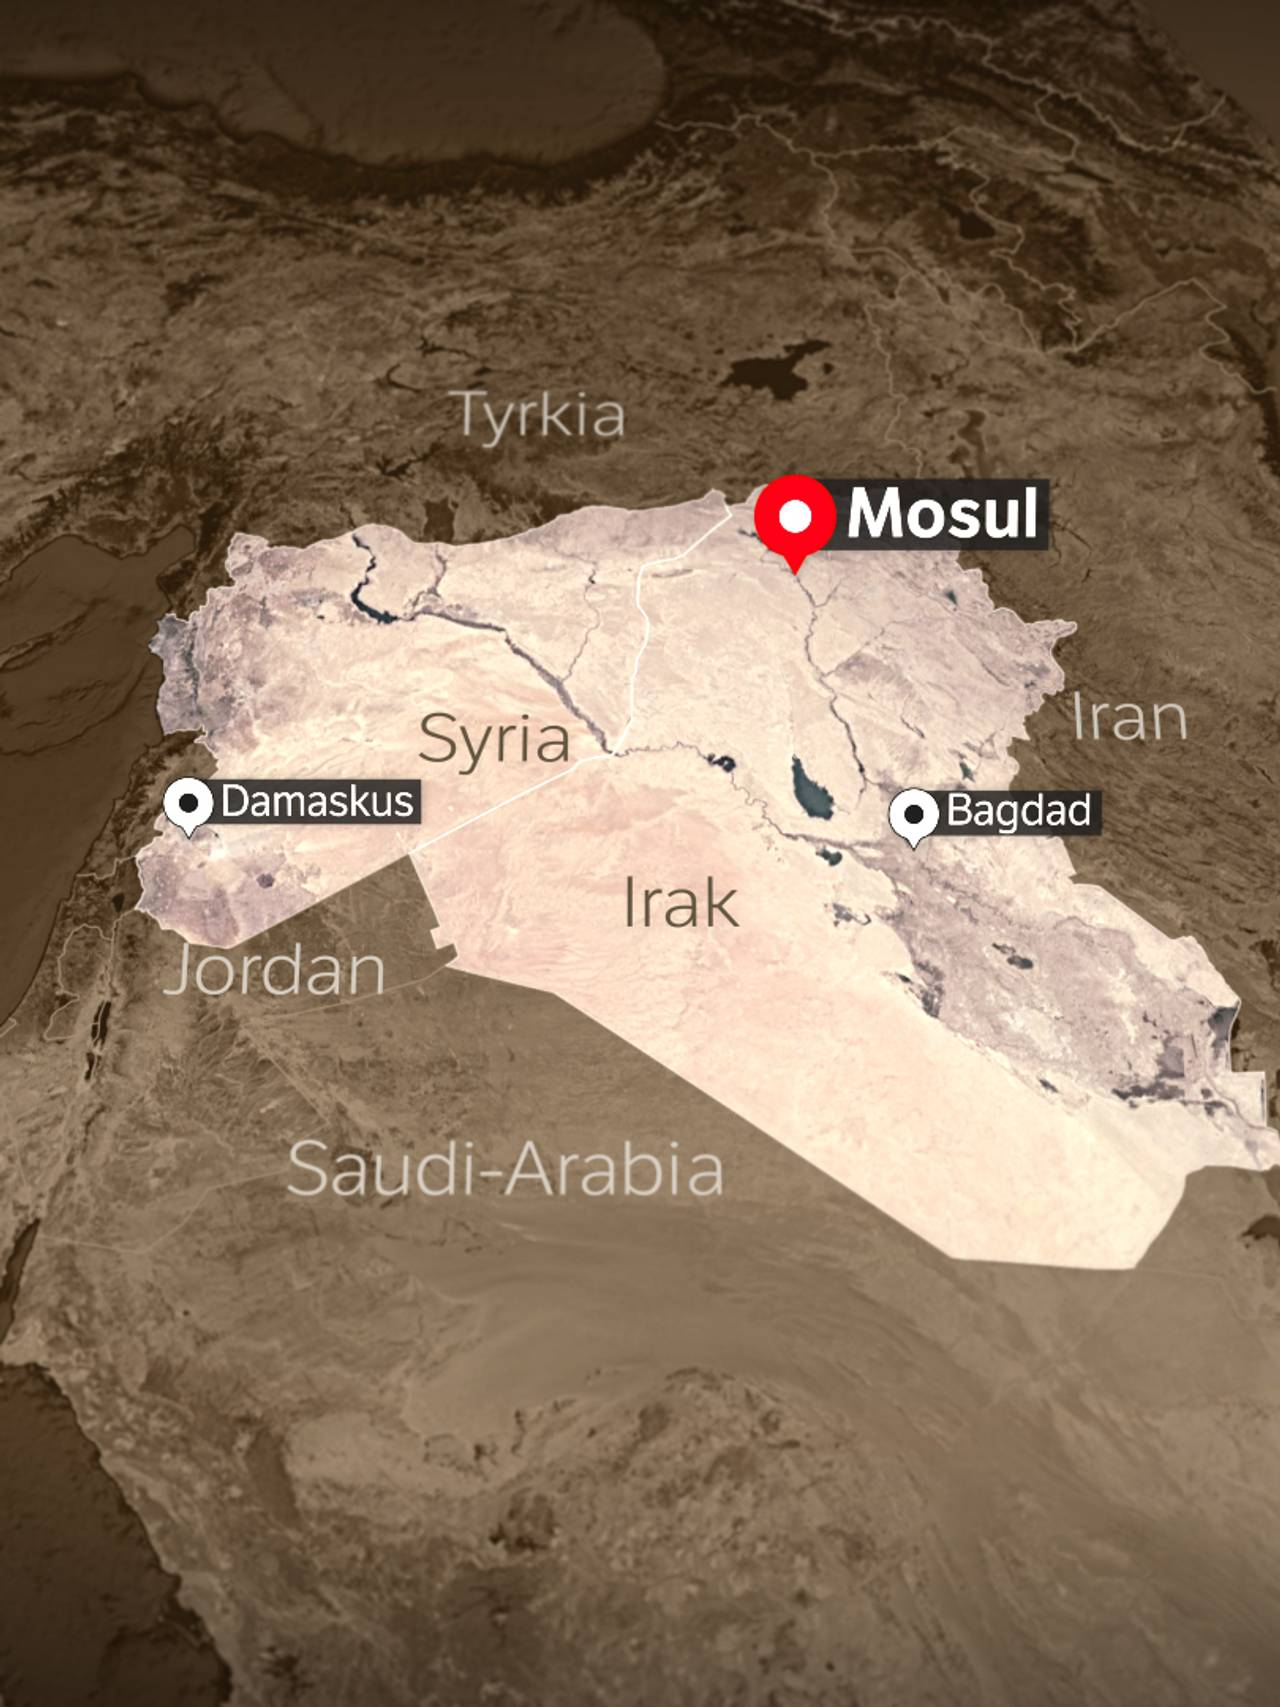 Kart over hvor Mosul ligger.